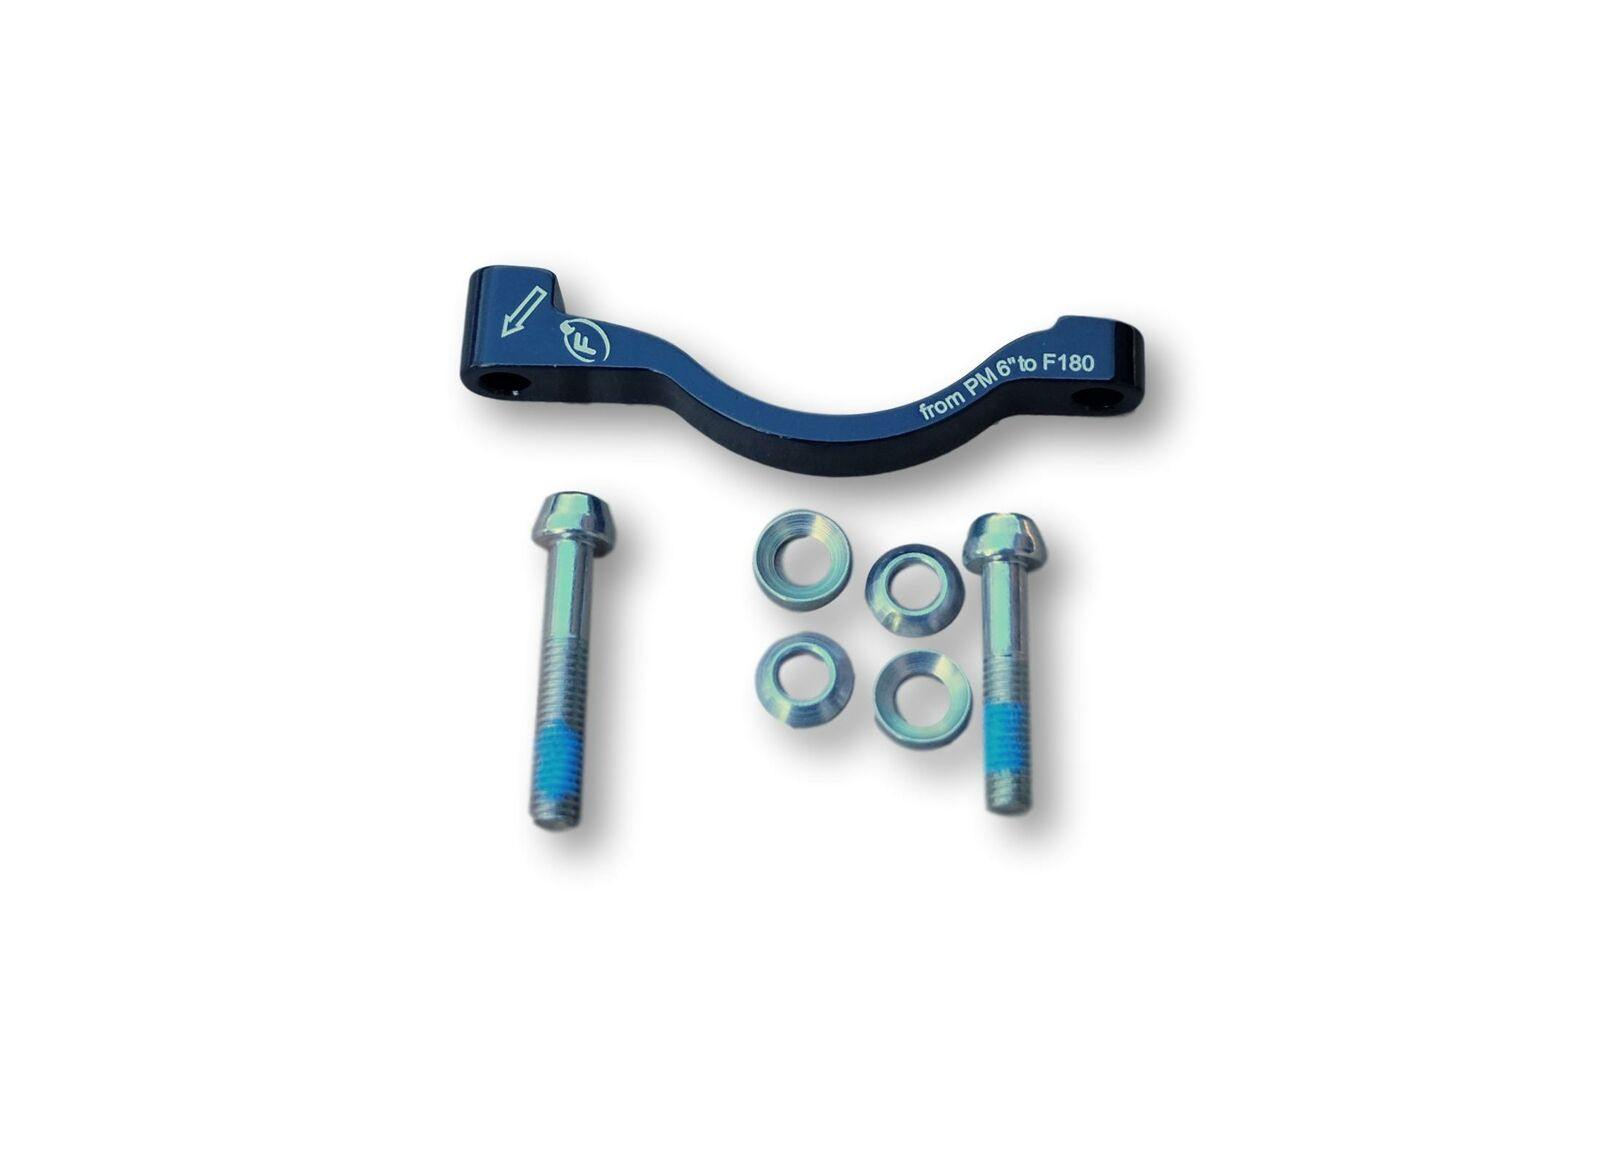 Avid Bremssattel Adapter PM für 180 mm vorne 00.5315.032.050 20 mm